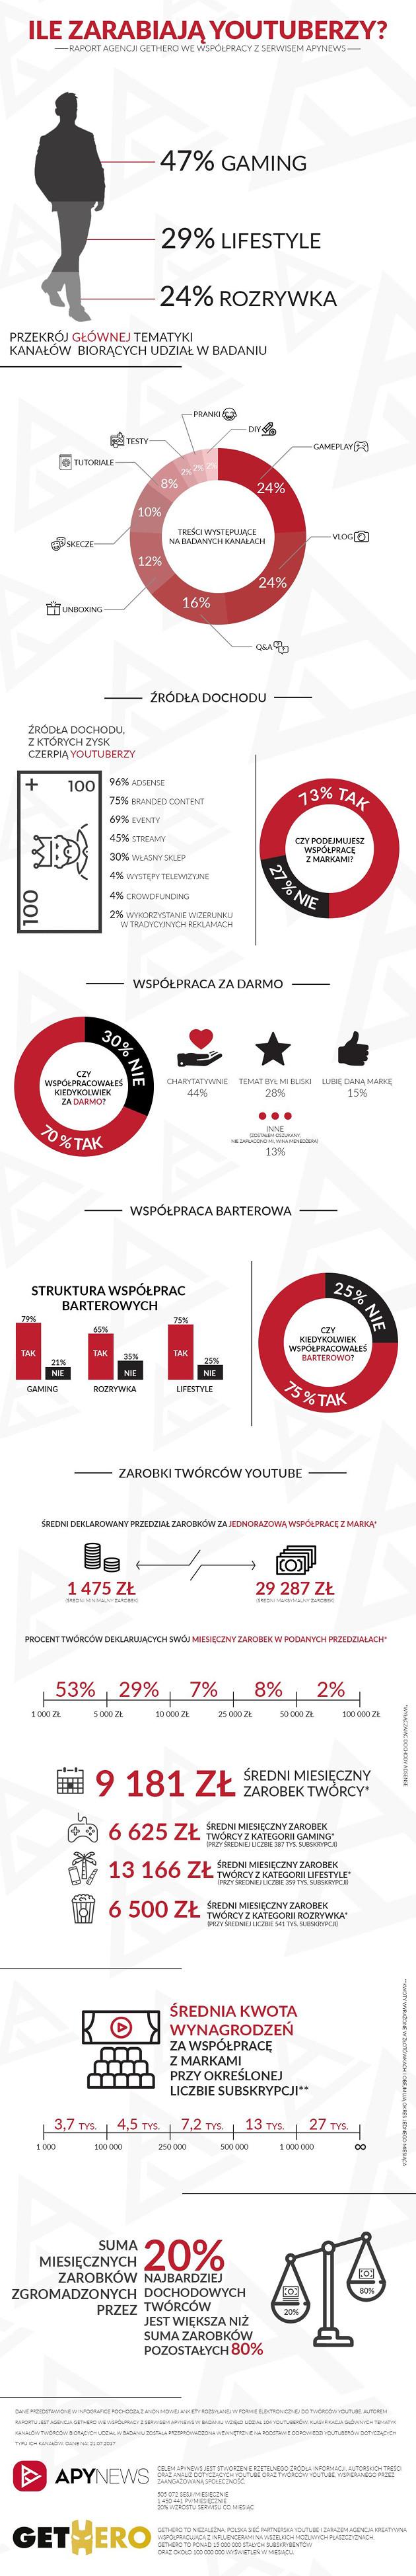 youtuberzy infografika